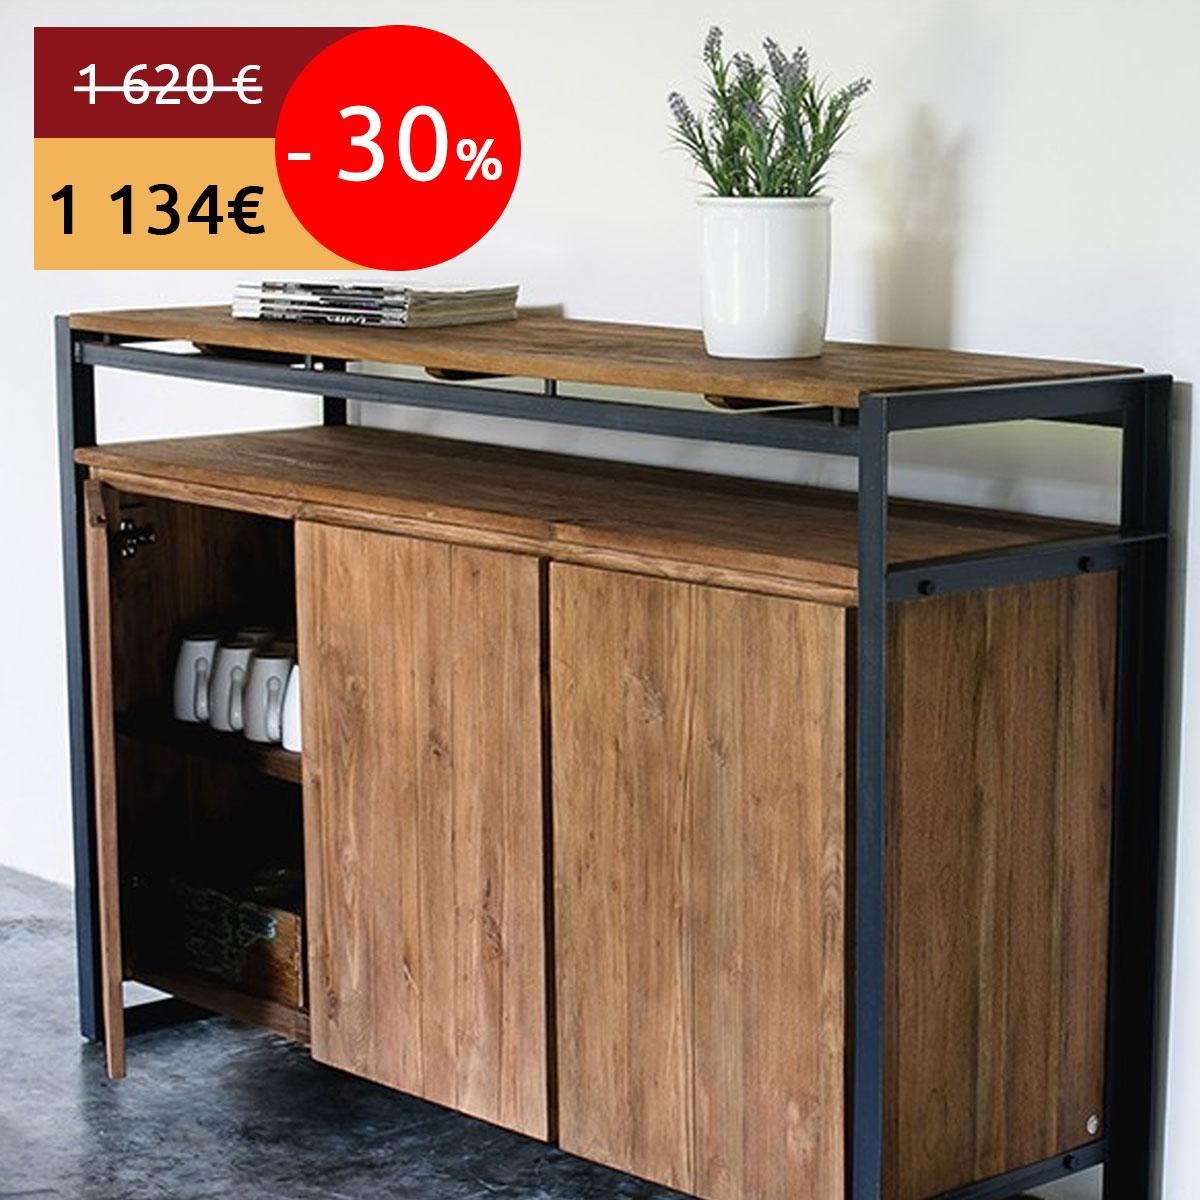 Actu Bons Plans 30 Sur Une S L Ction De Meubles En Teck Recycl S  # Meuble Industriel Bois Et Metal